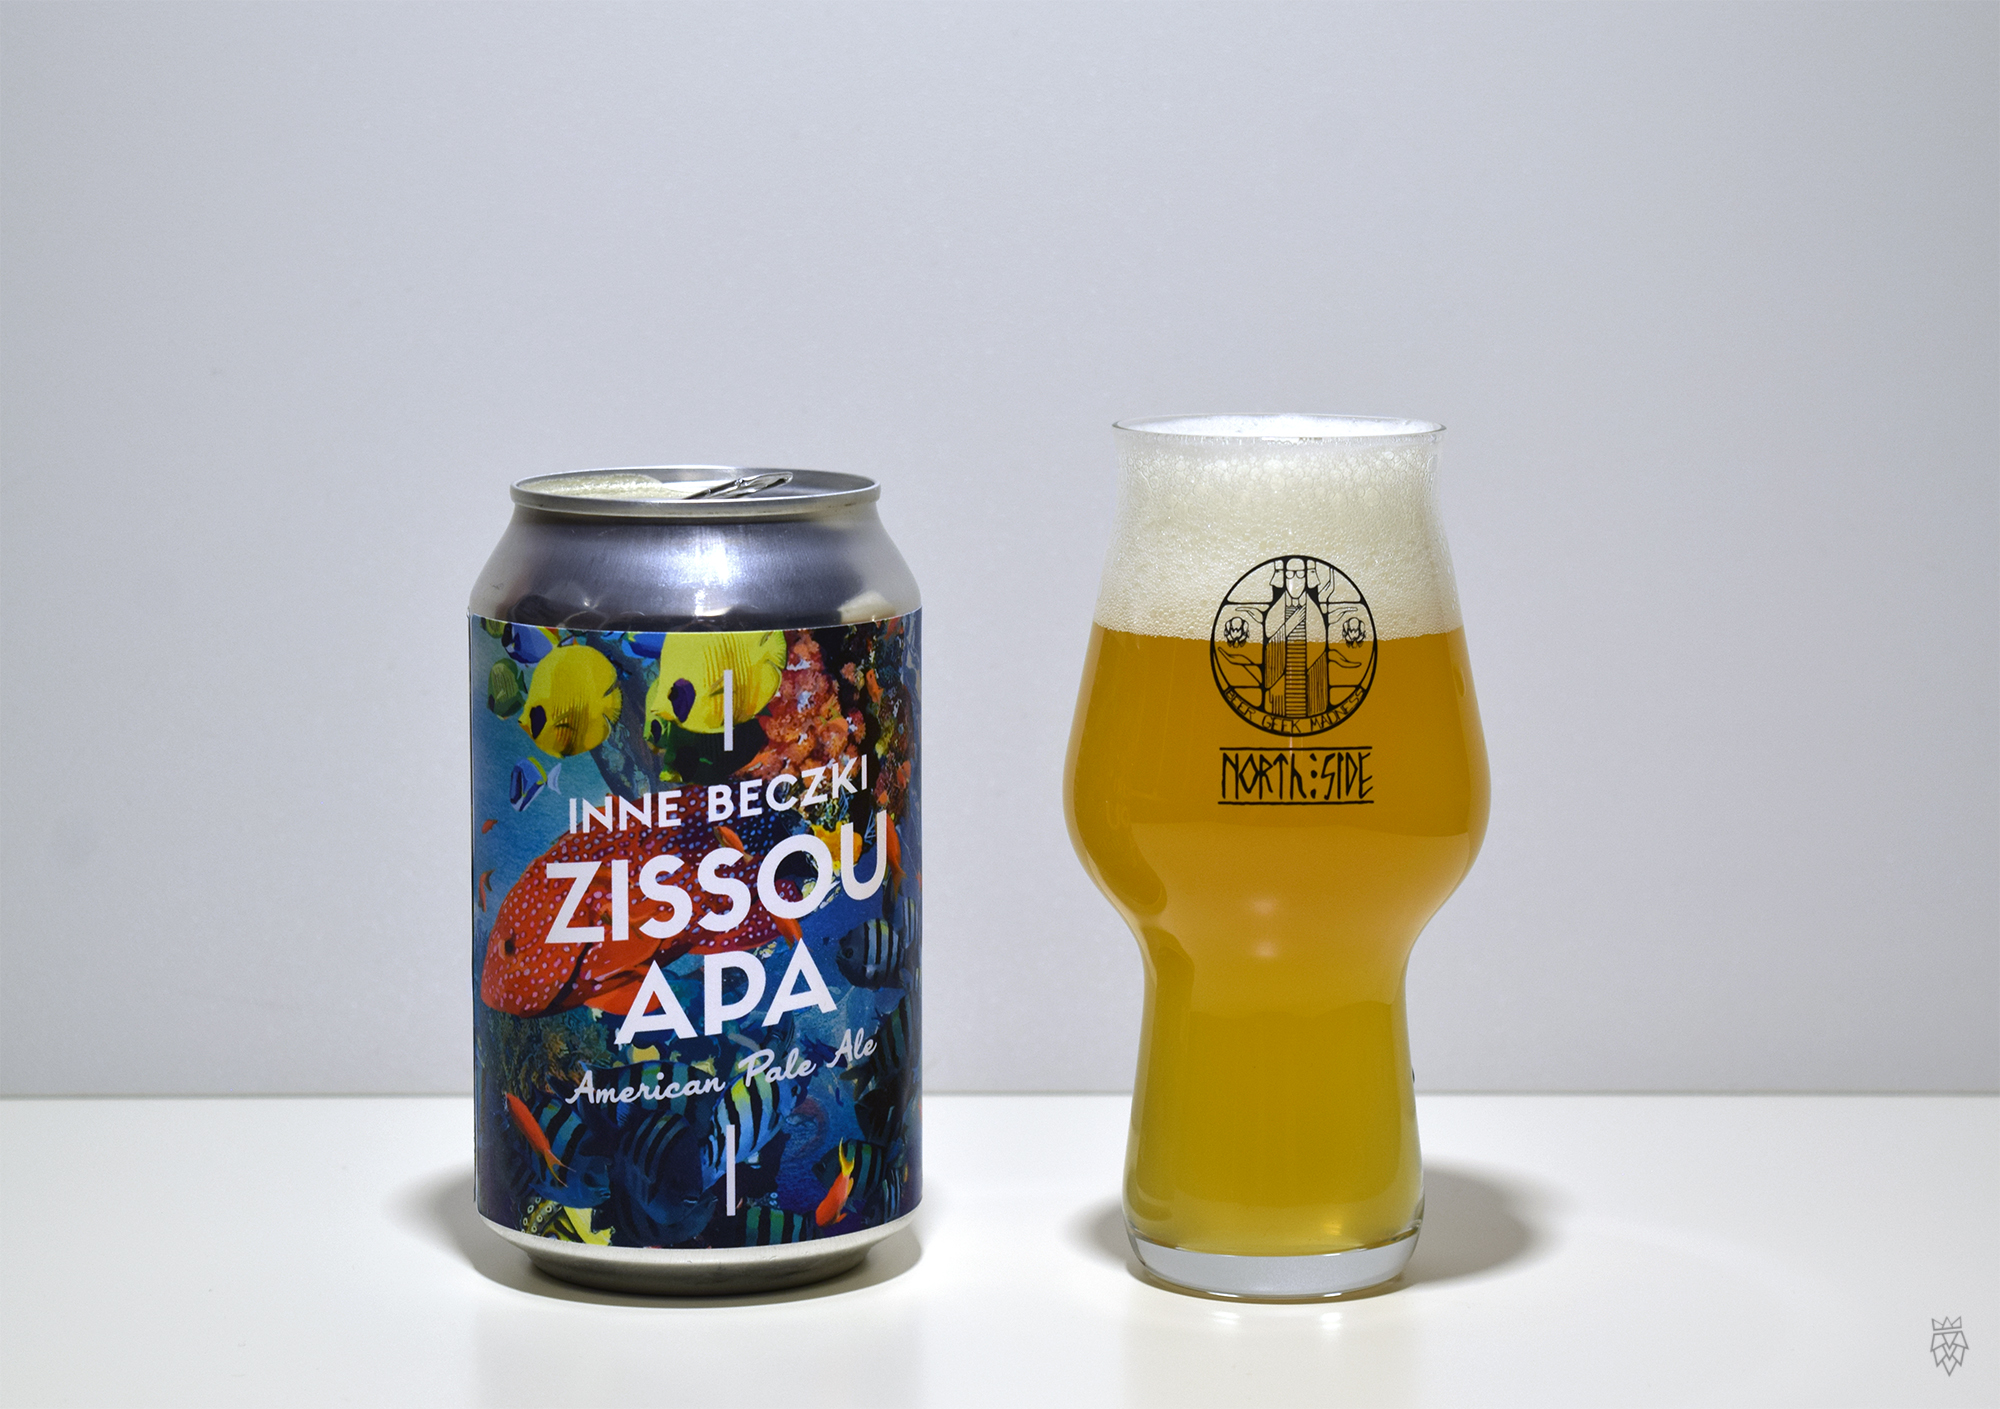 Zissou APA Inne Beczki